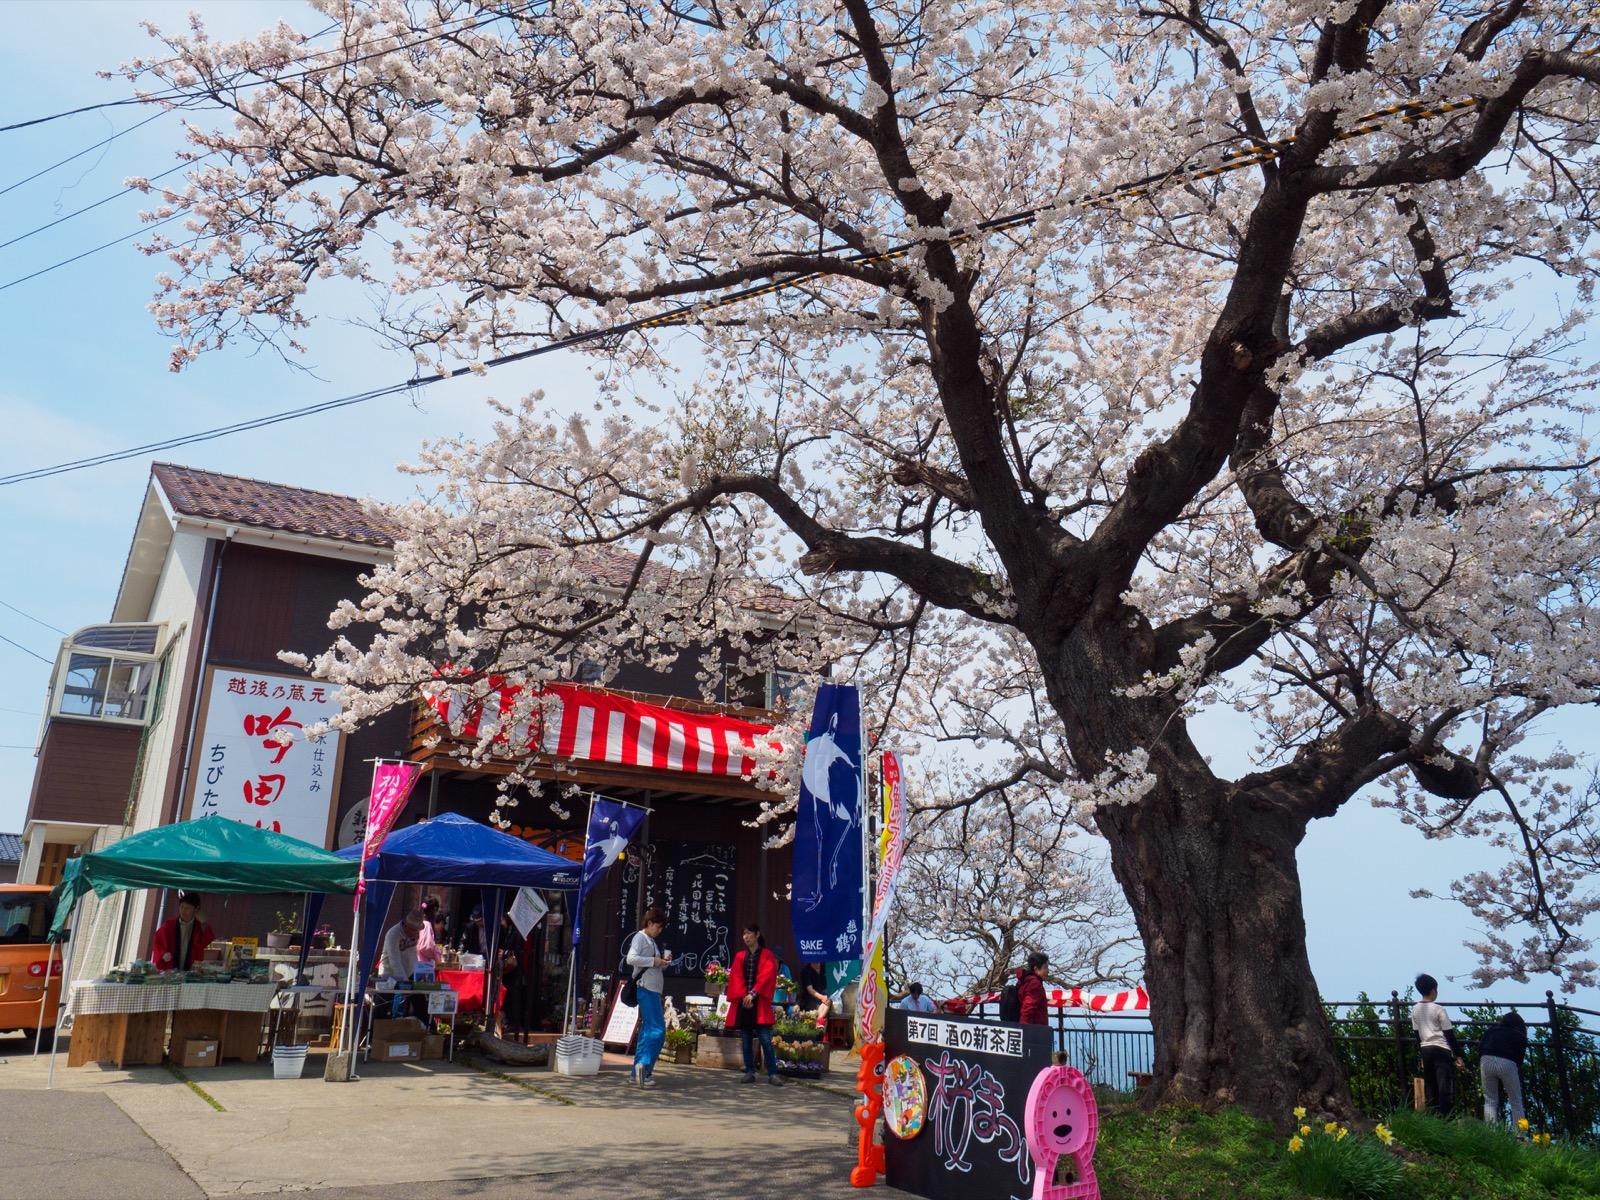 青海川駅そばの「酒の新茶屋」